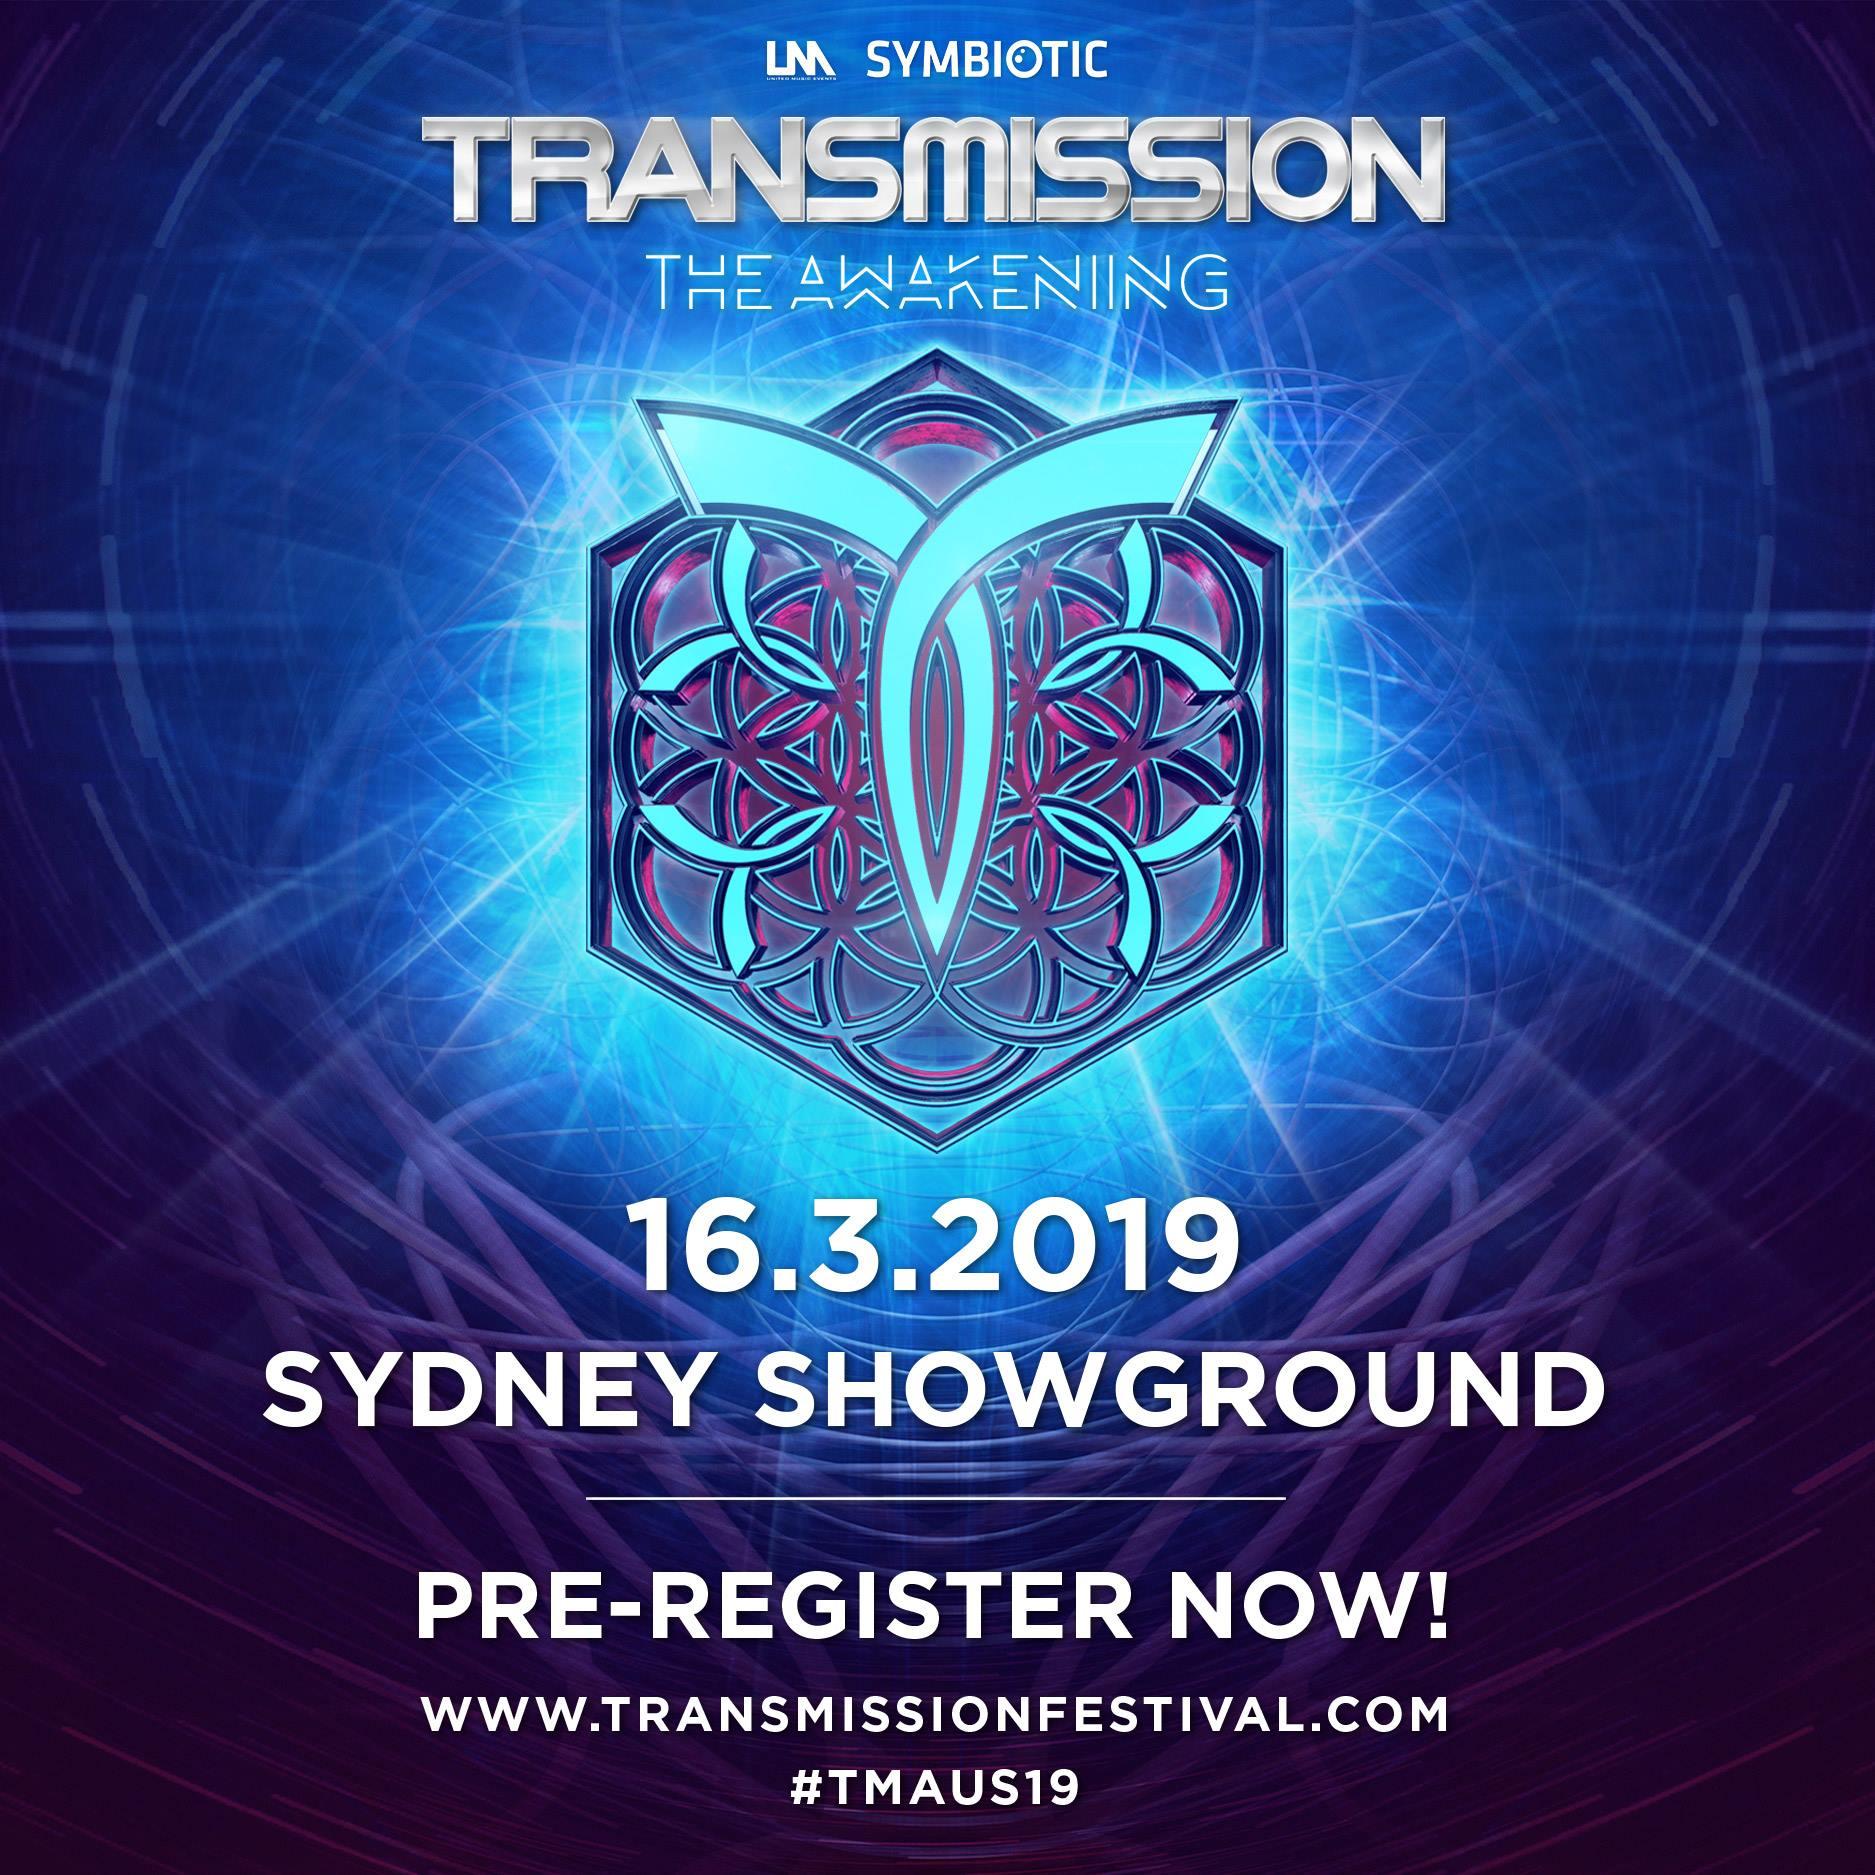 transmission-sydney-2019-oz-edm